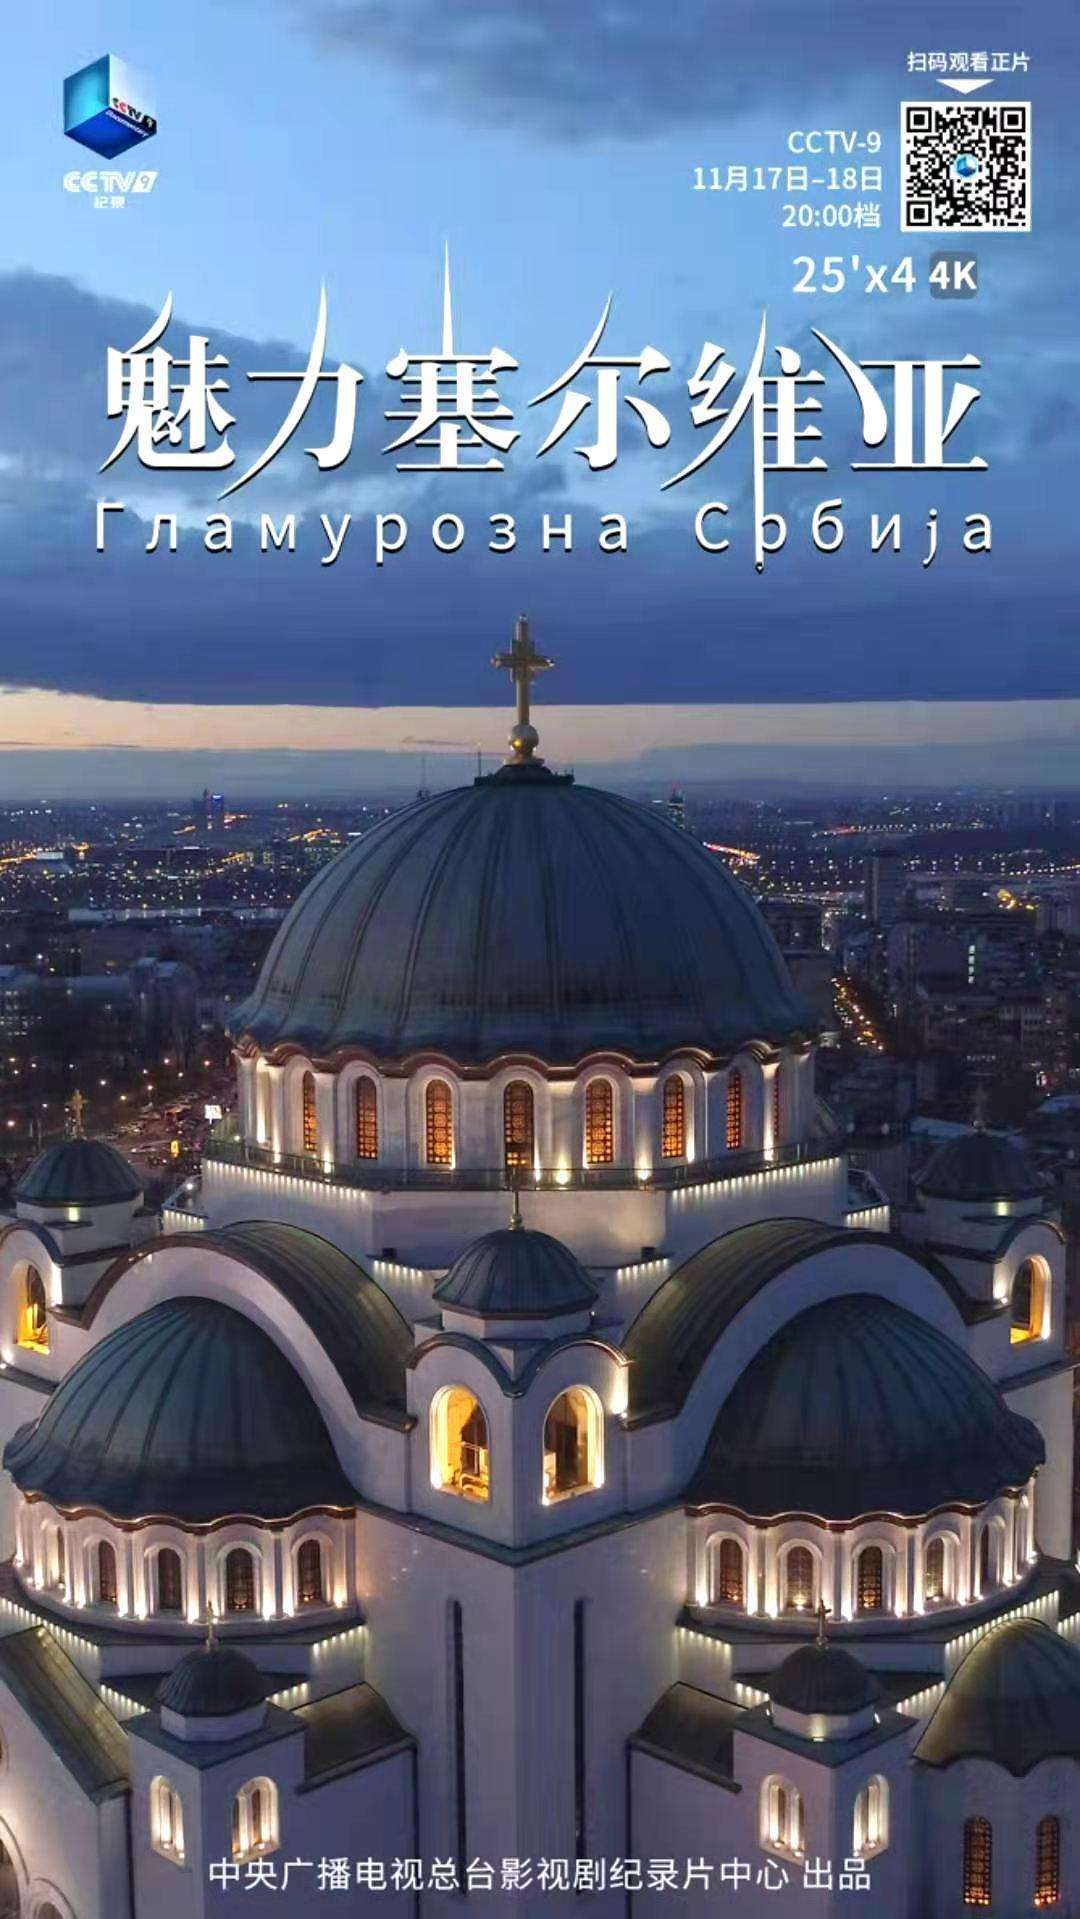 位于巴尔干半岛的塞尔维亚有着欧洲十字路口的美誉